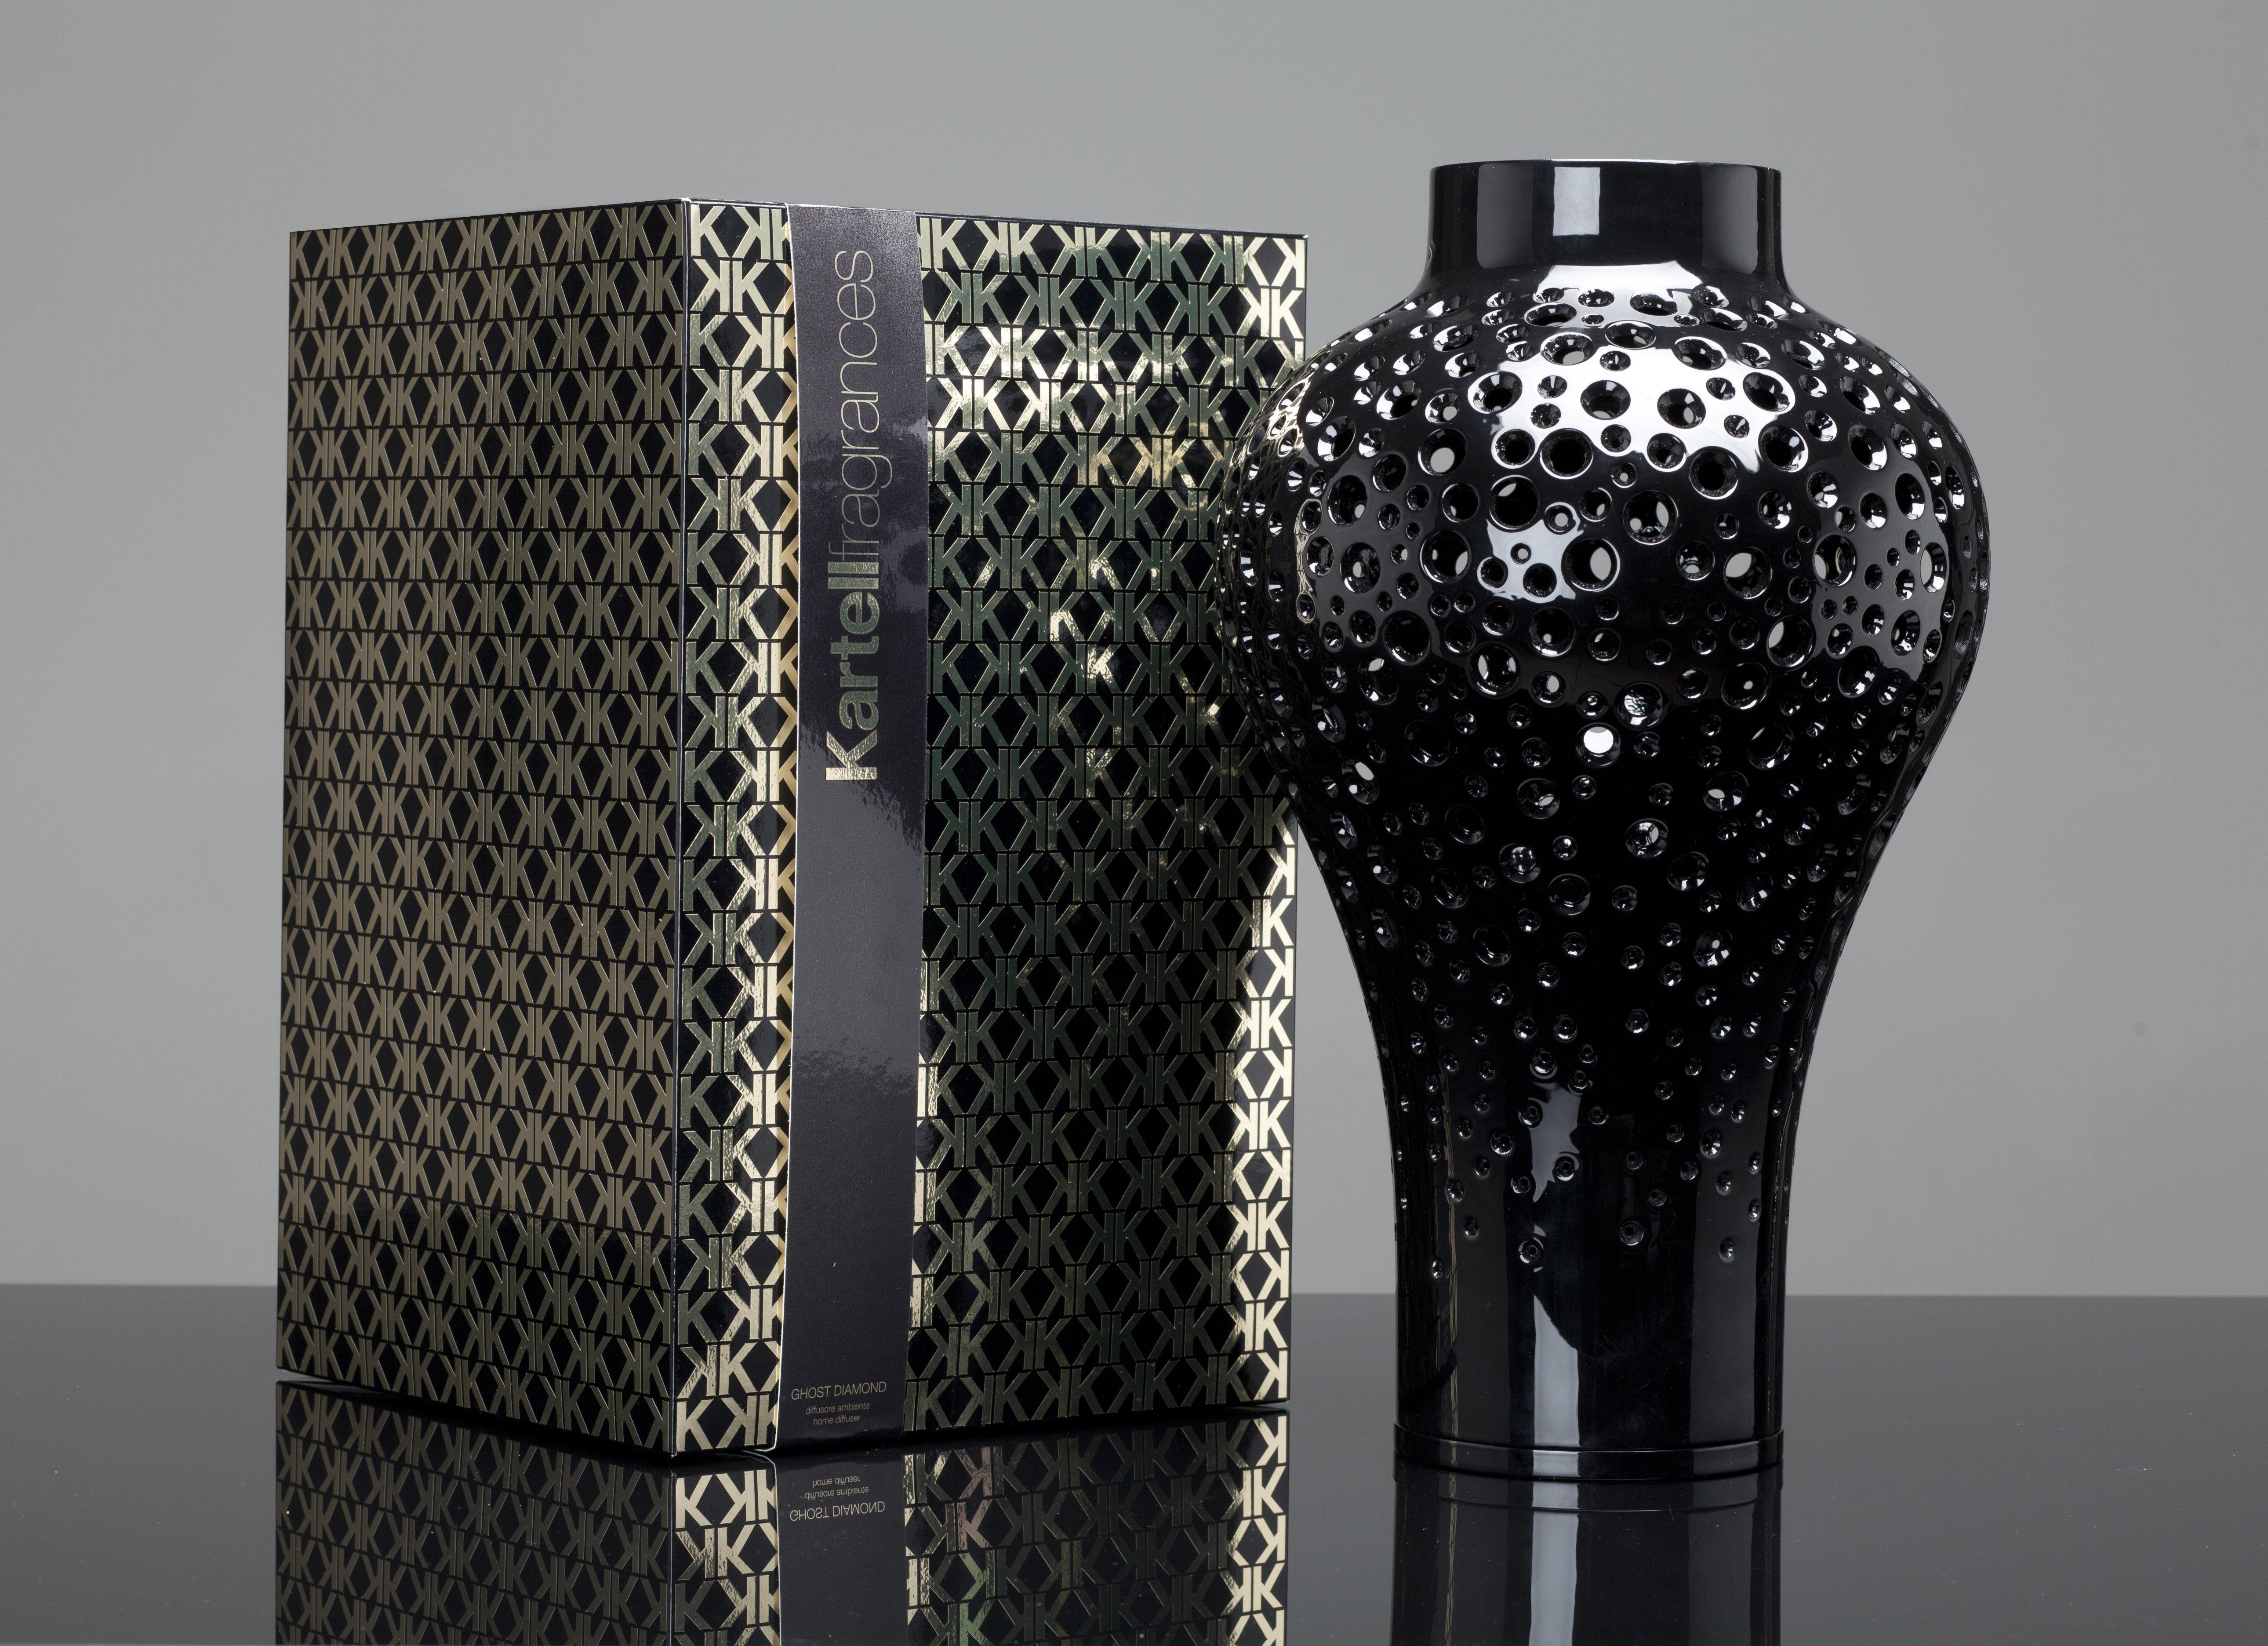 diffuseur de parfum ming kartell fragrances avec b tonnets noir senteur 39 noir 39 kartell. Black Bedroom Furniture Sets. Home Design Ideas